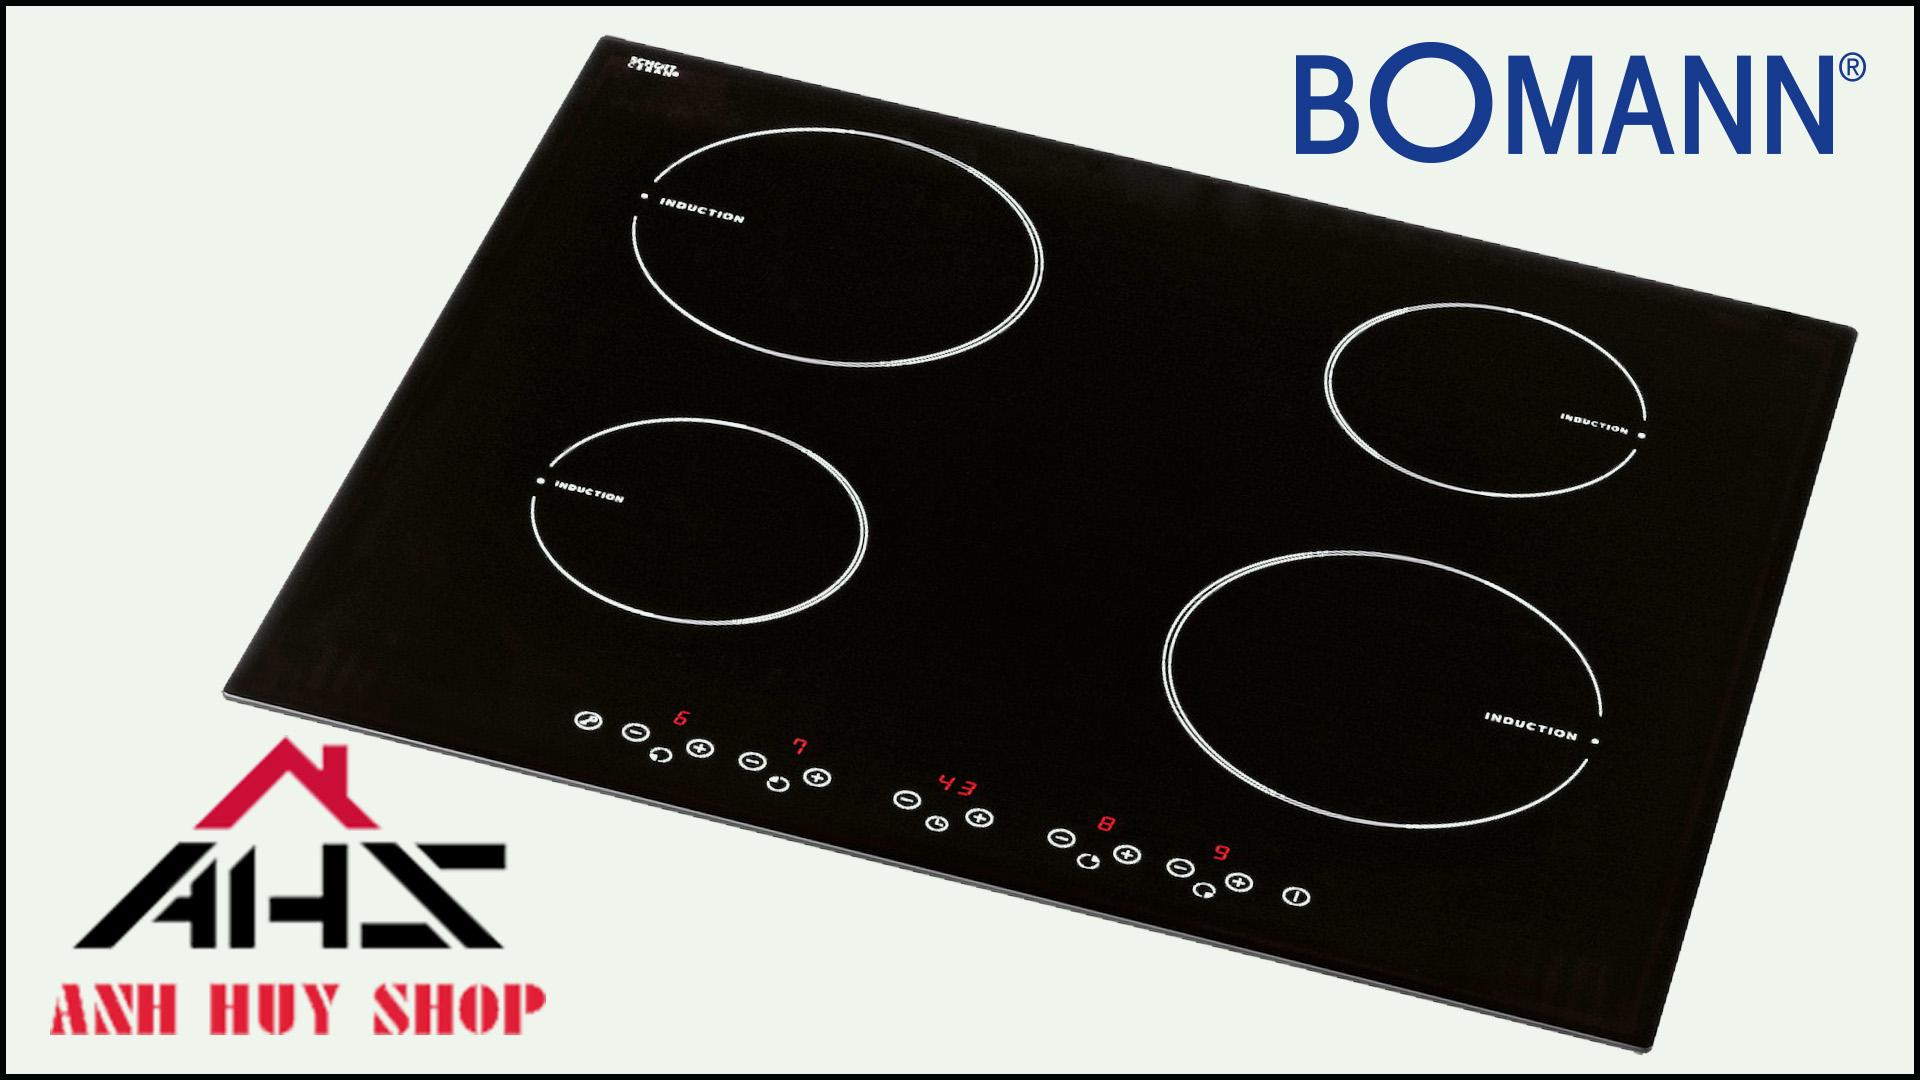 Bomann-EBK-955